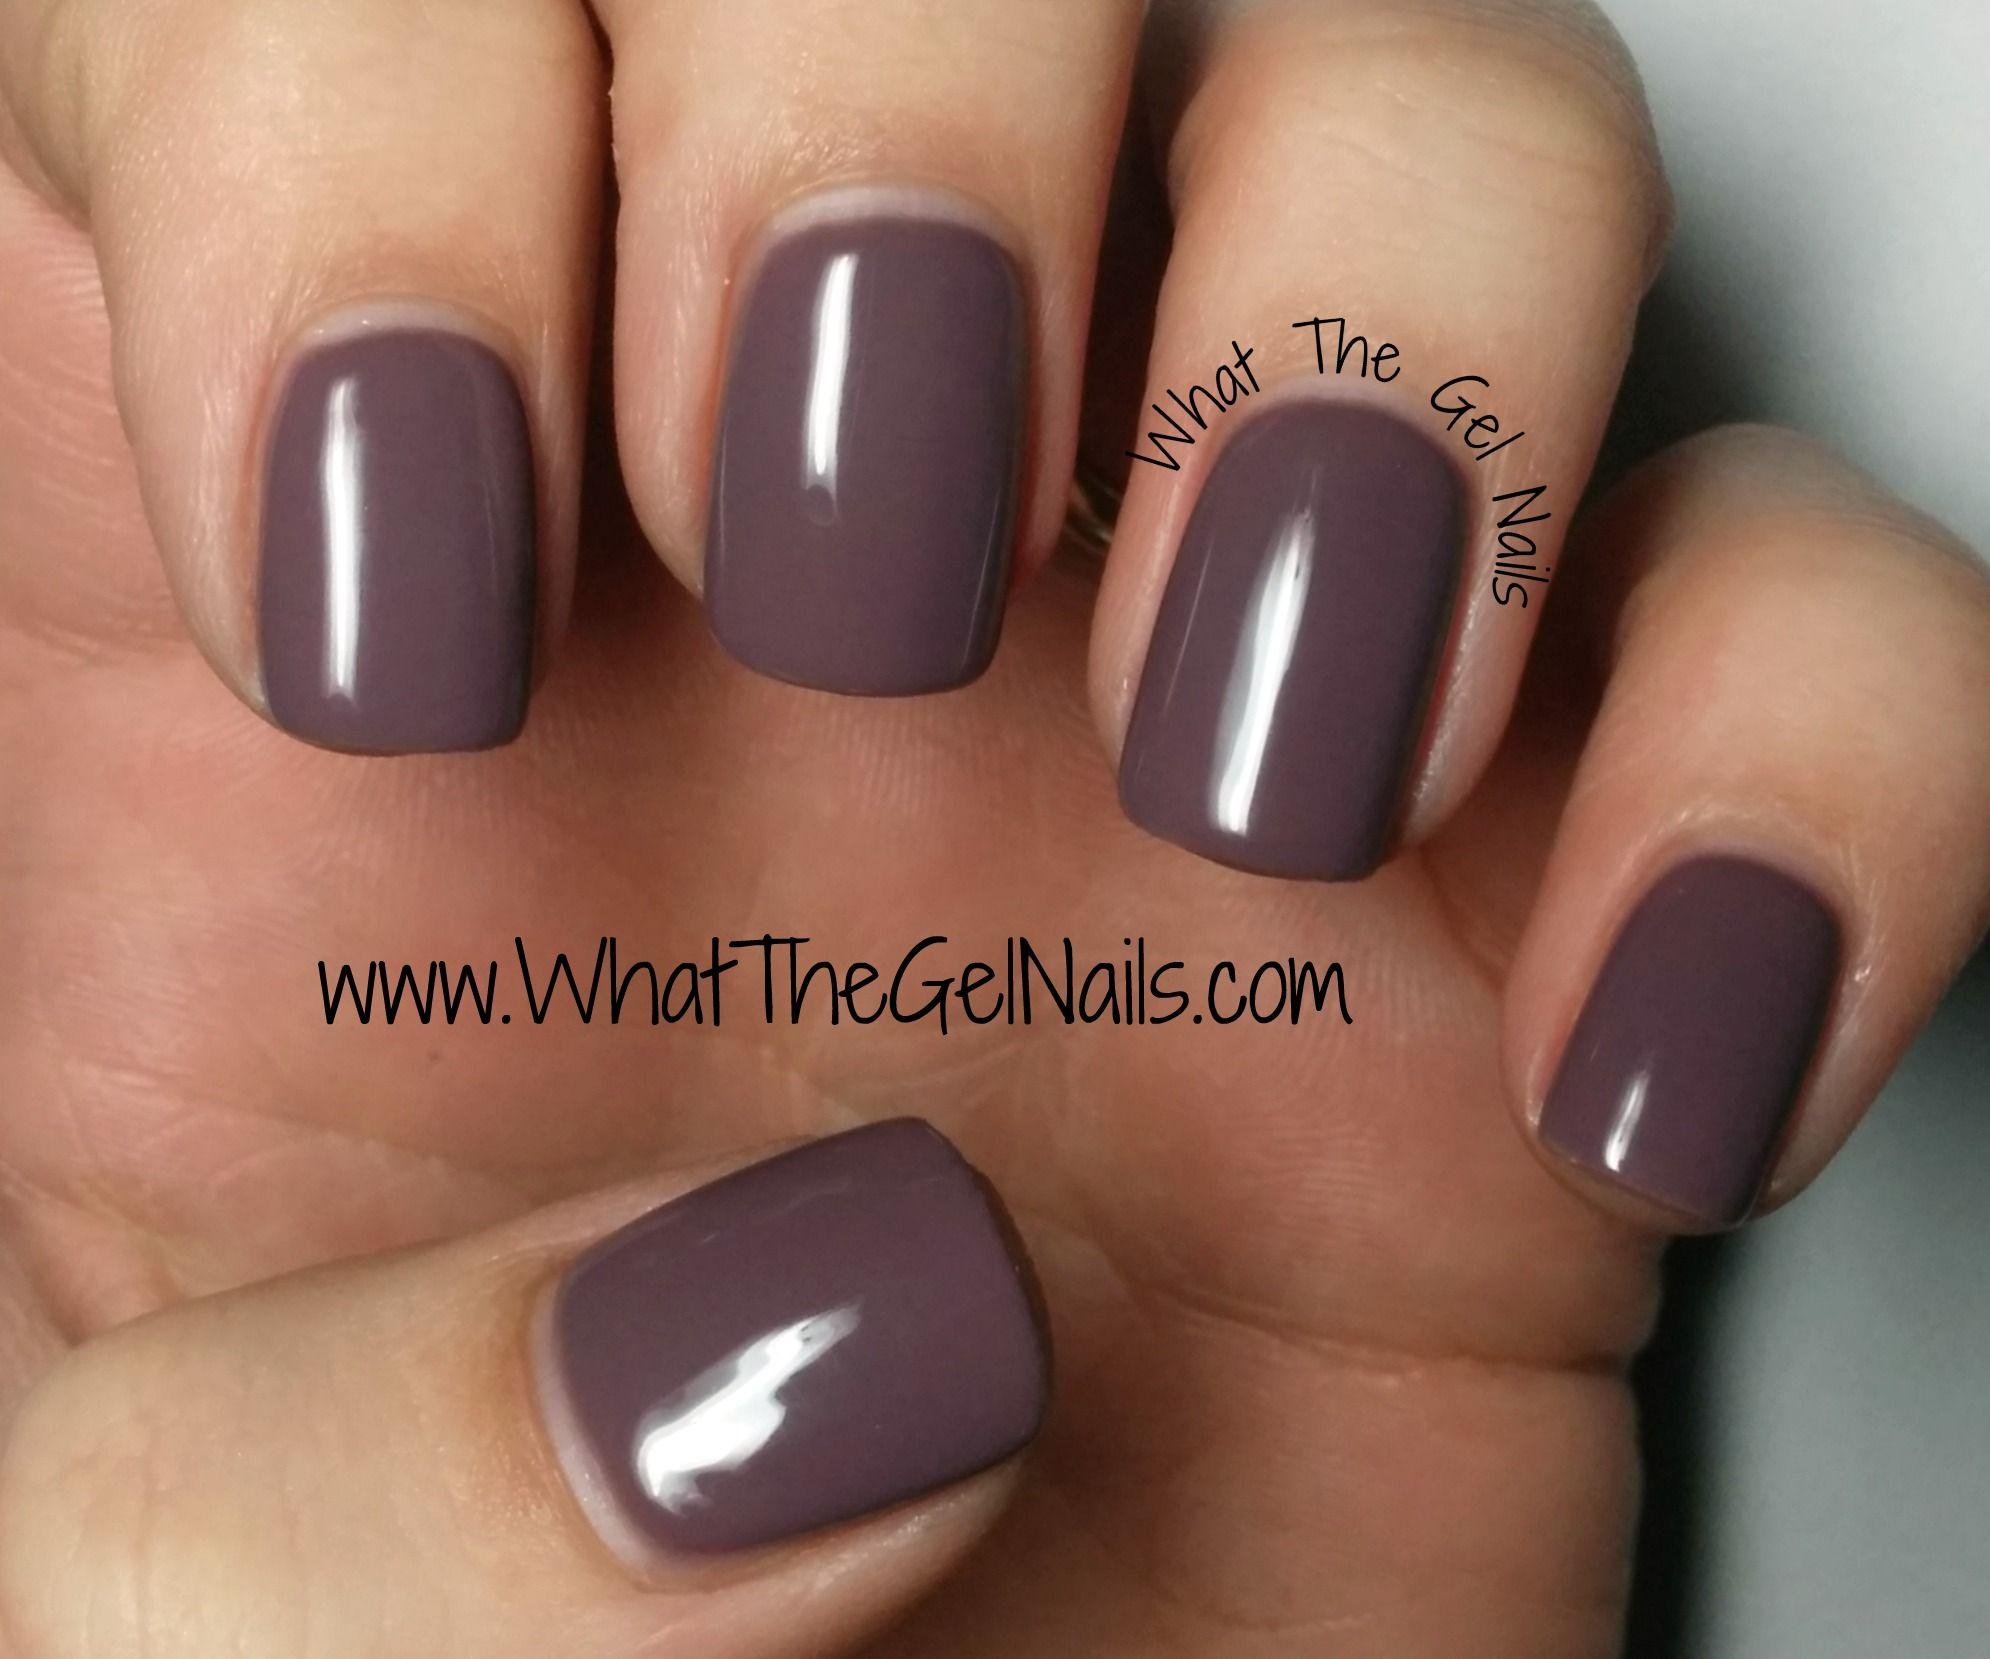 Nails inc gel nail colors and gel nail polish on pinterest - Nail Nail Ibd Smokey Plum Plus More Ibd Just Gel Colors